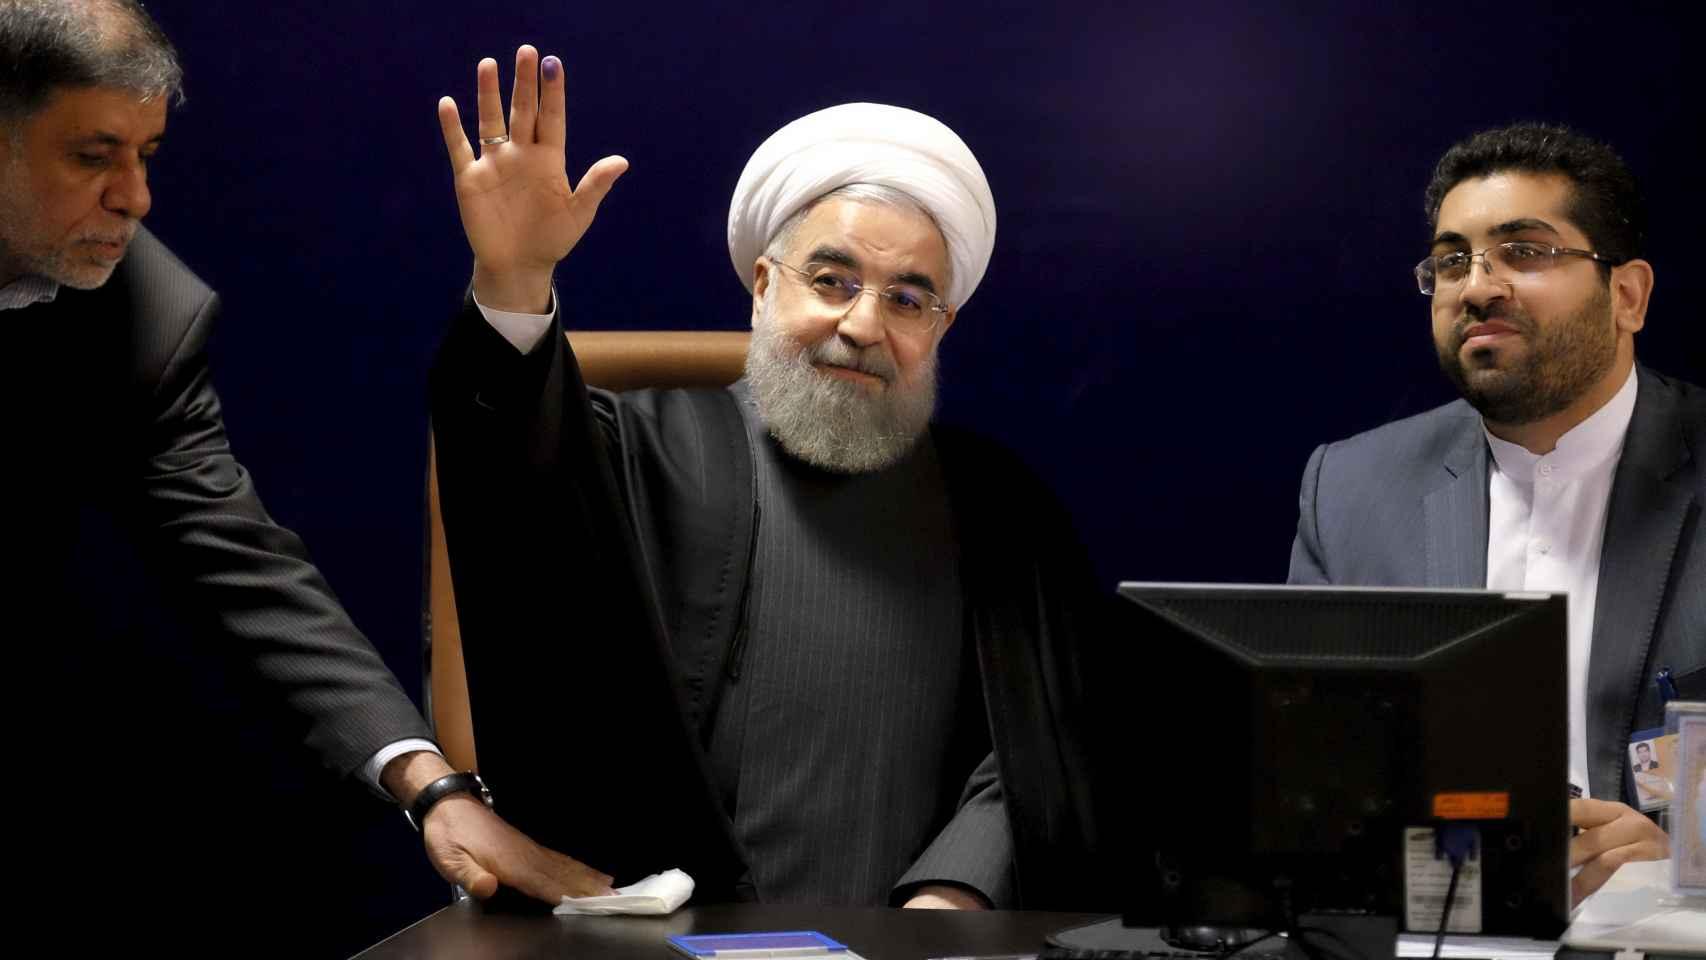 Ruhani preside Irán con una visión reformista reflejada en el acuerdo nuclear.